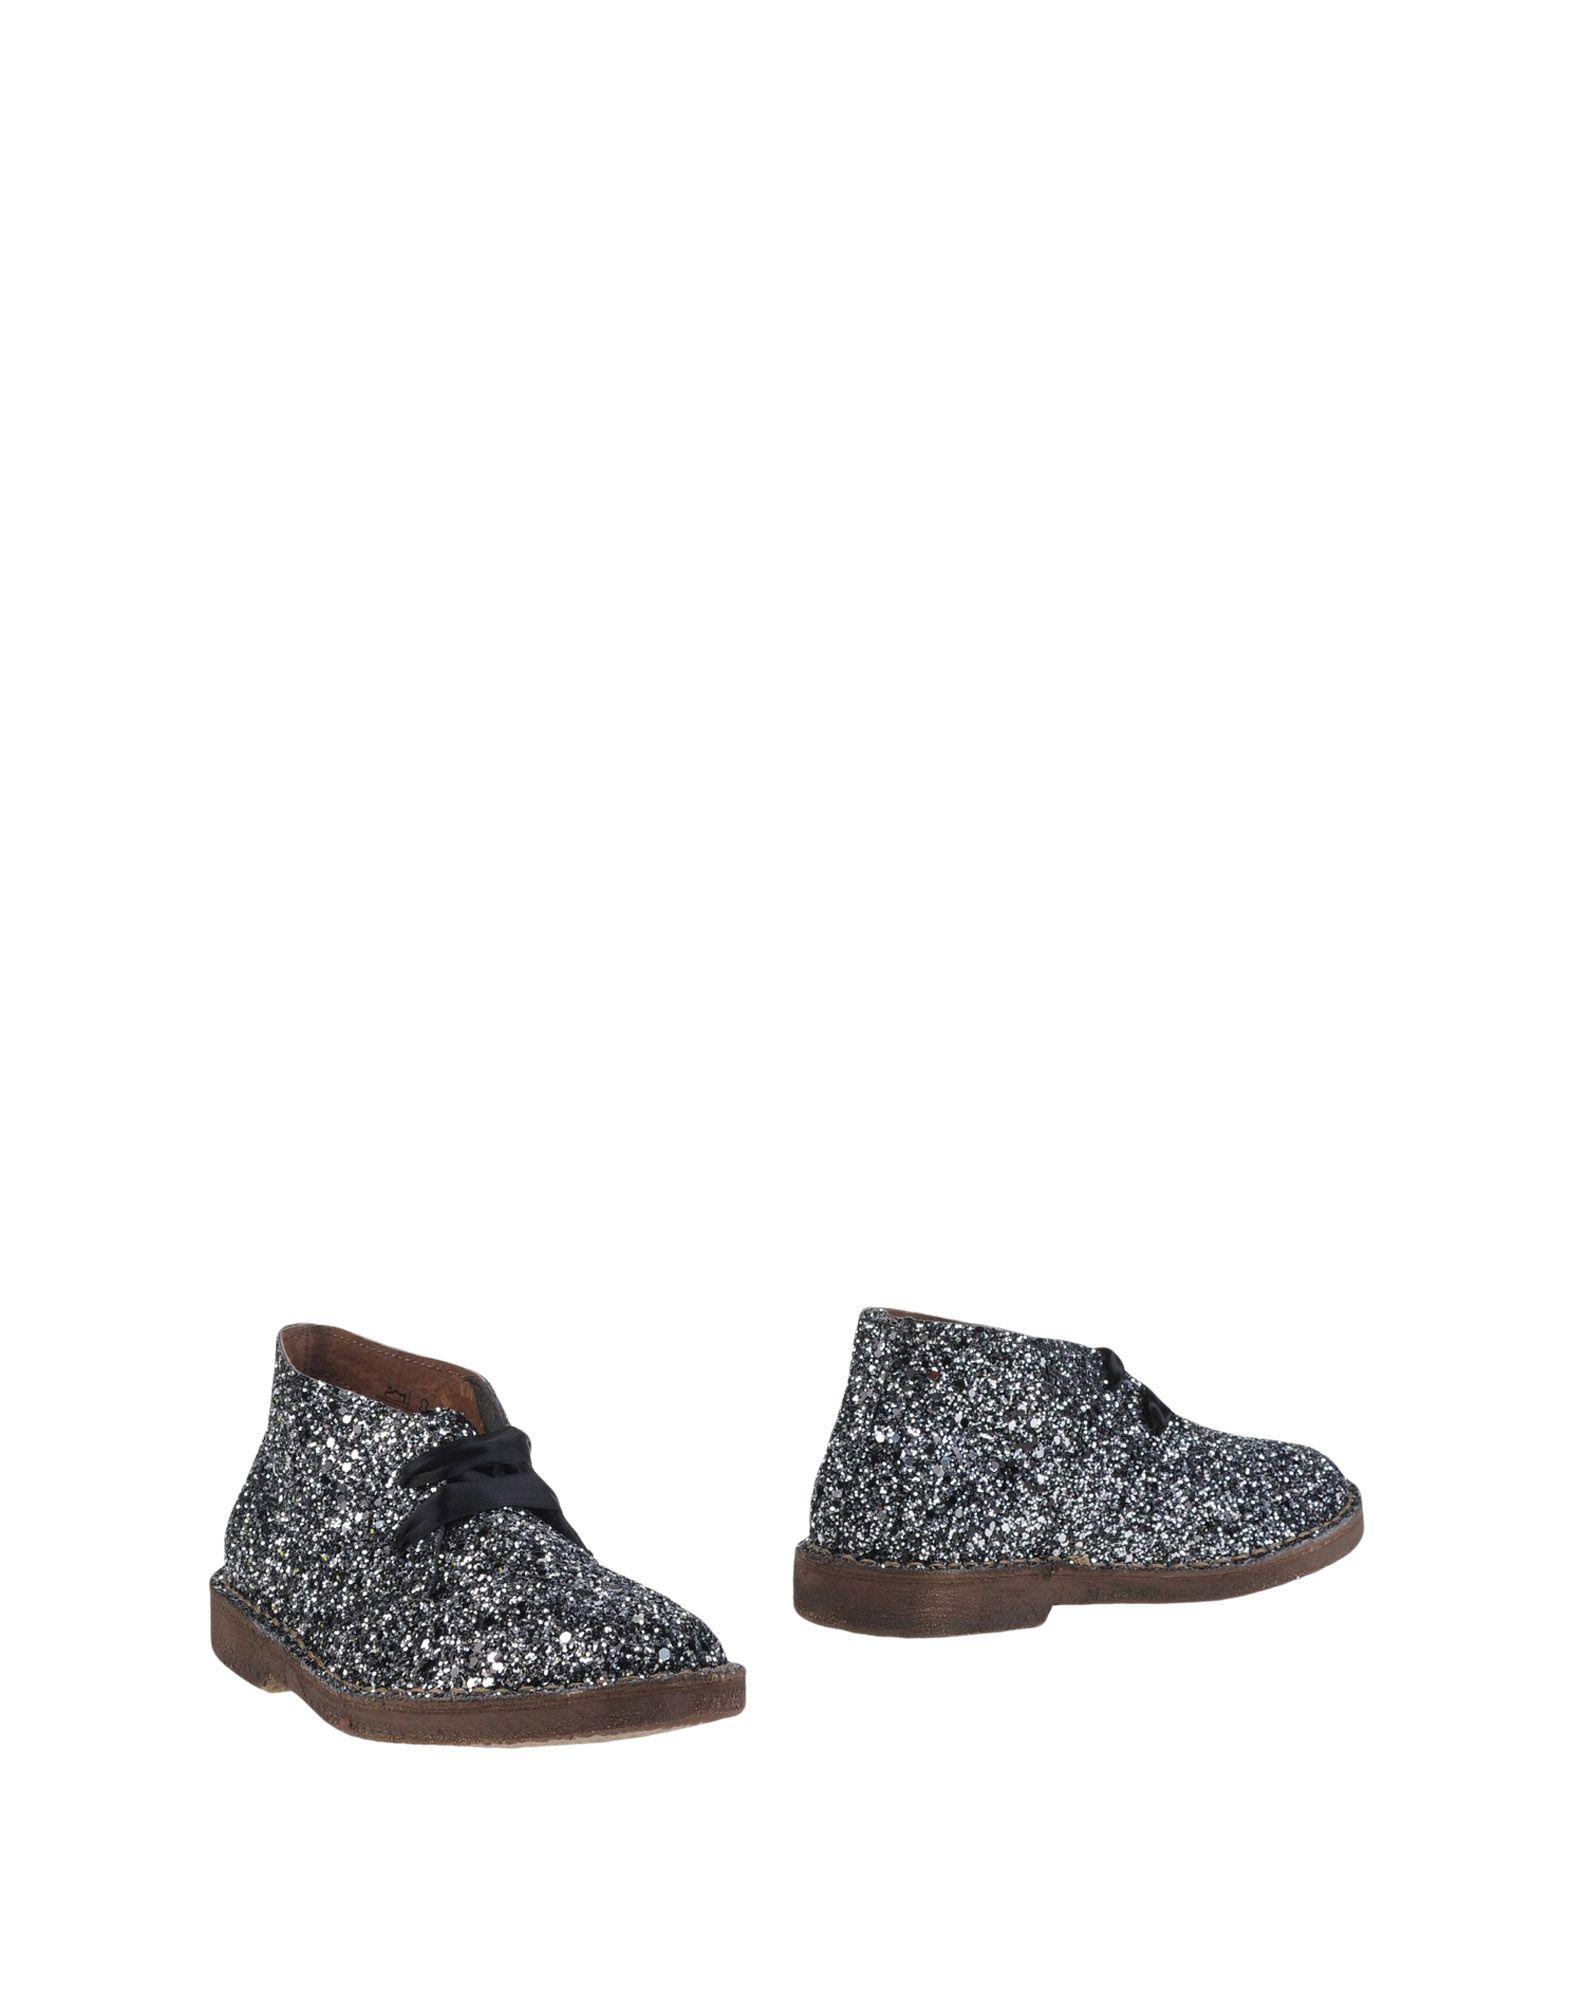 Wally Walker Stiefelette Damen  11079752BC Gute Qualität beliebte Schuhe